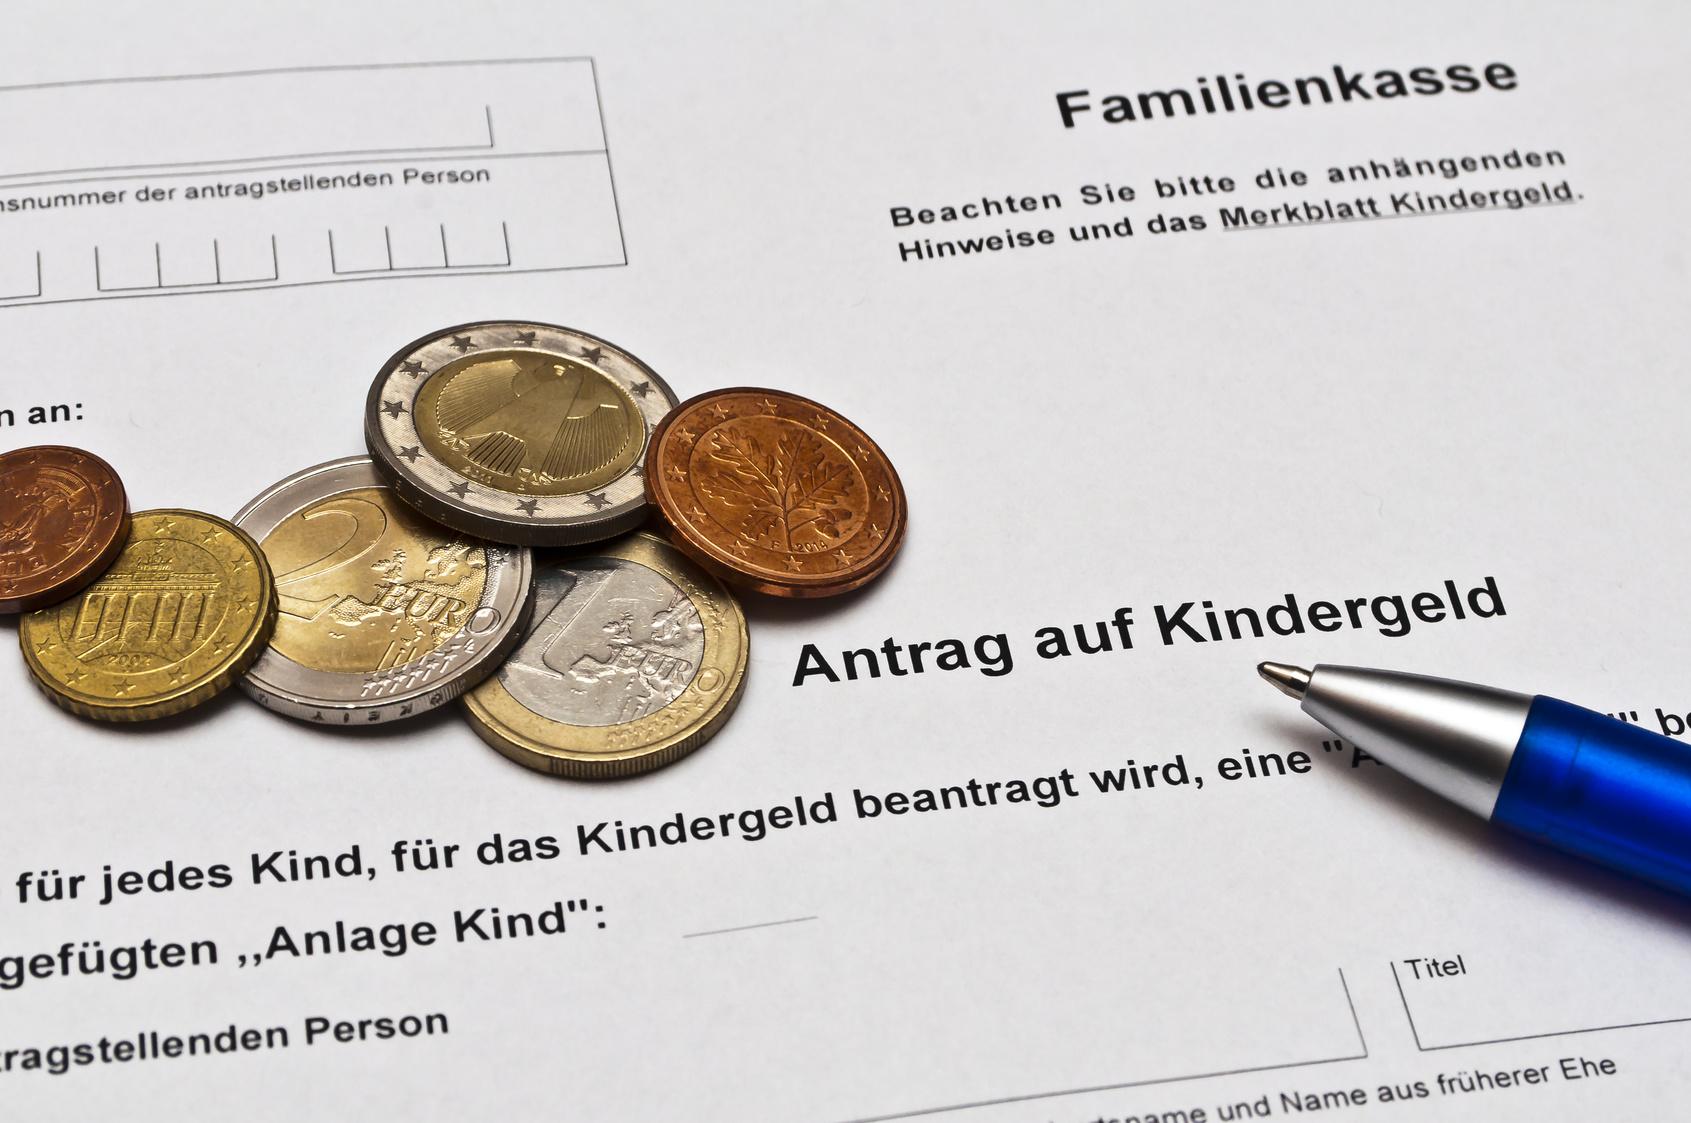 Kindergeldnummer auf dem Kontoauszug finden